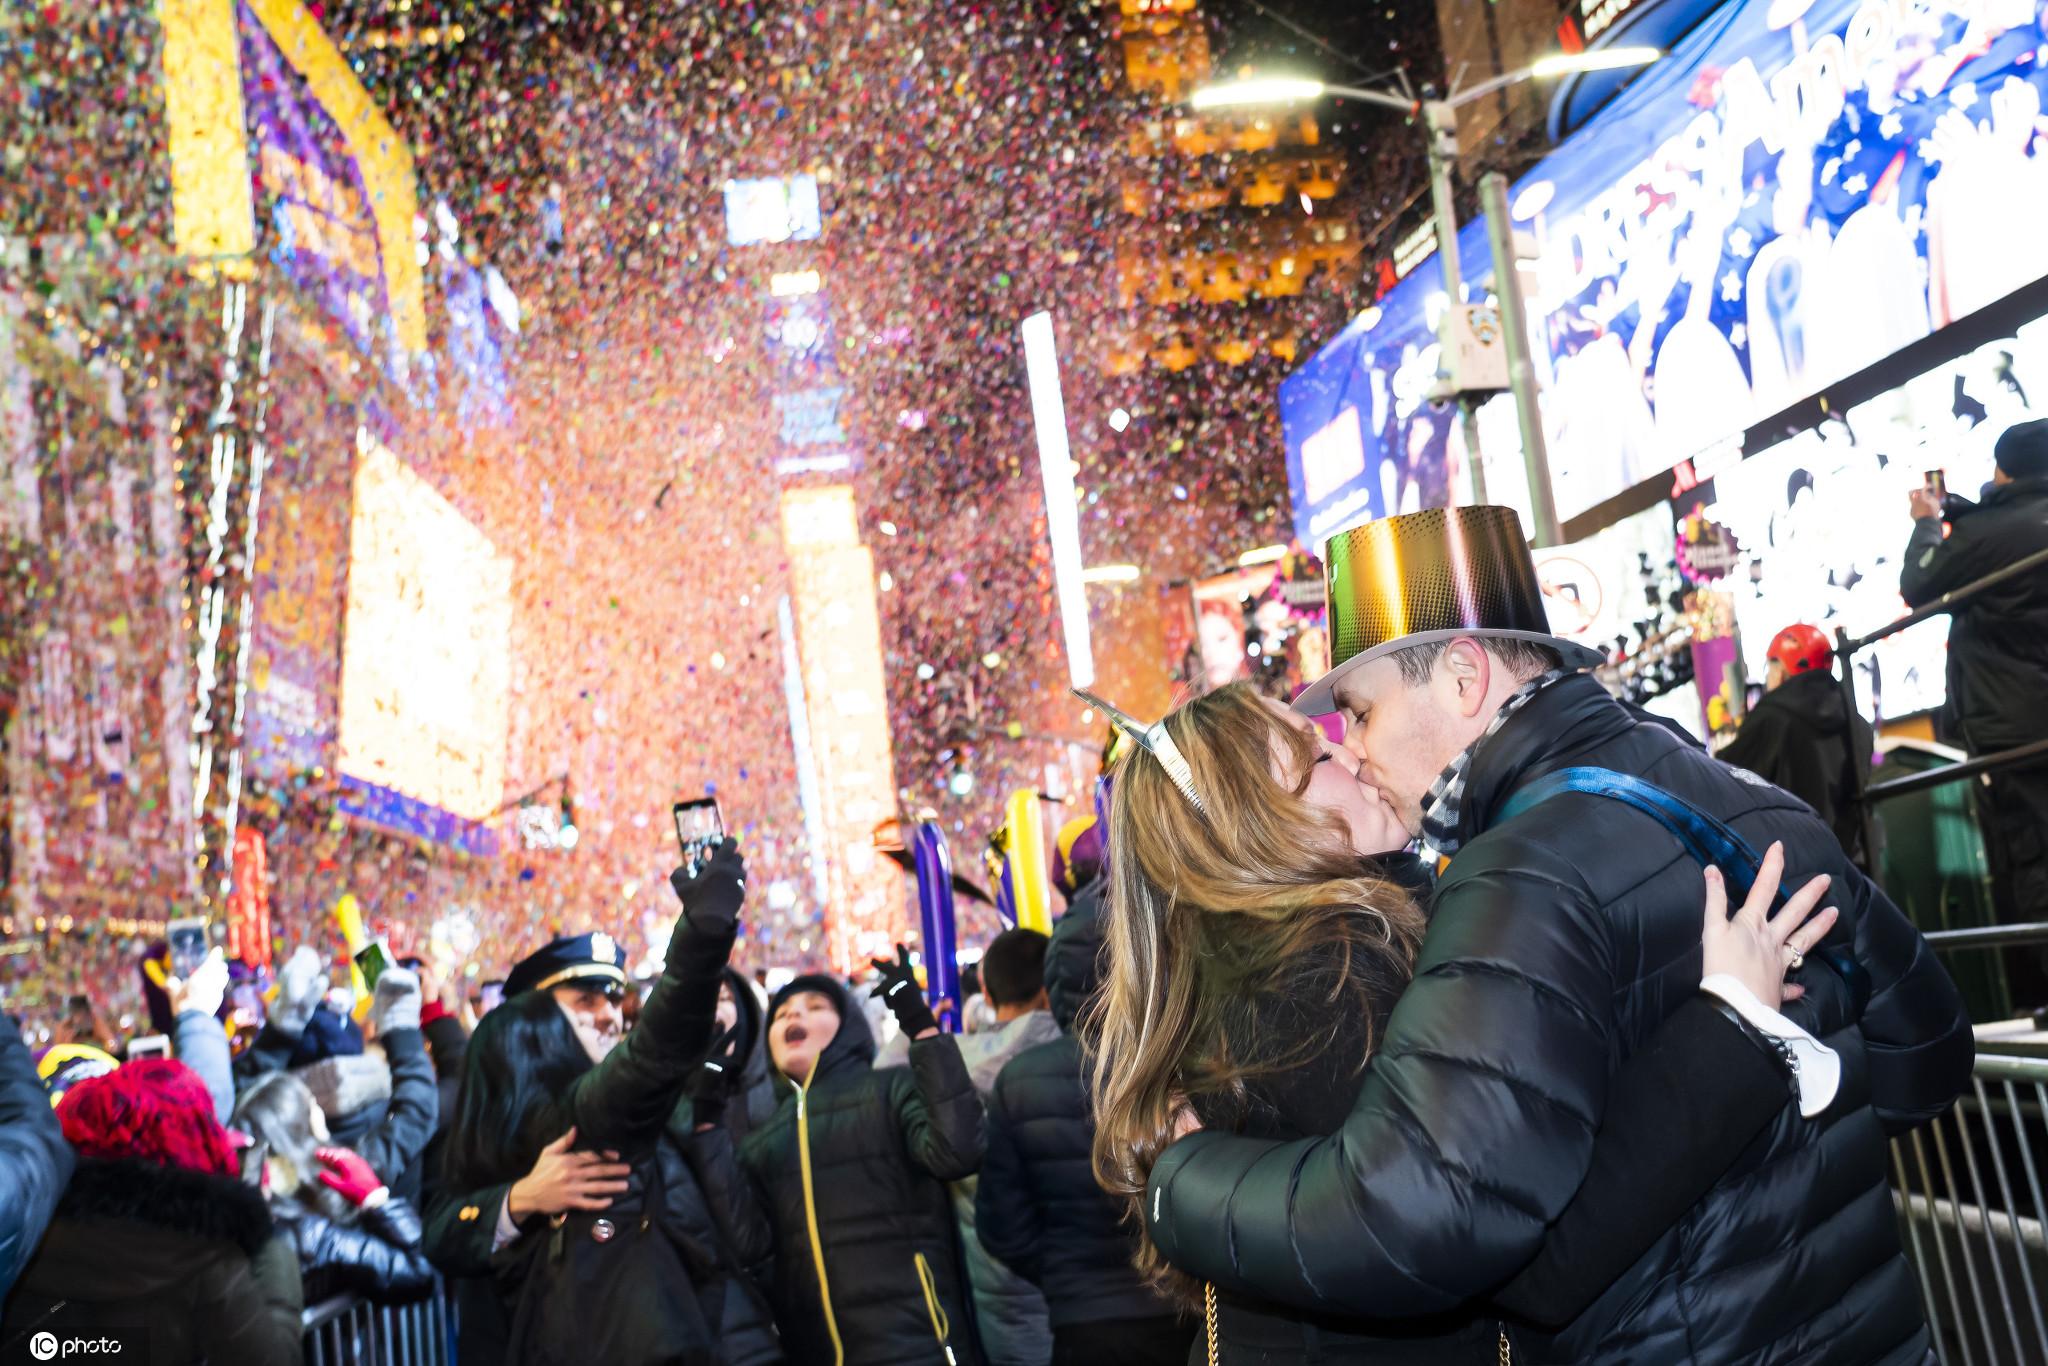 114年首次:美国纽约时代广场跨年流动改线上举行 第1张